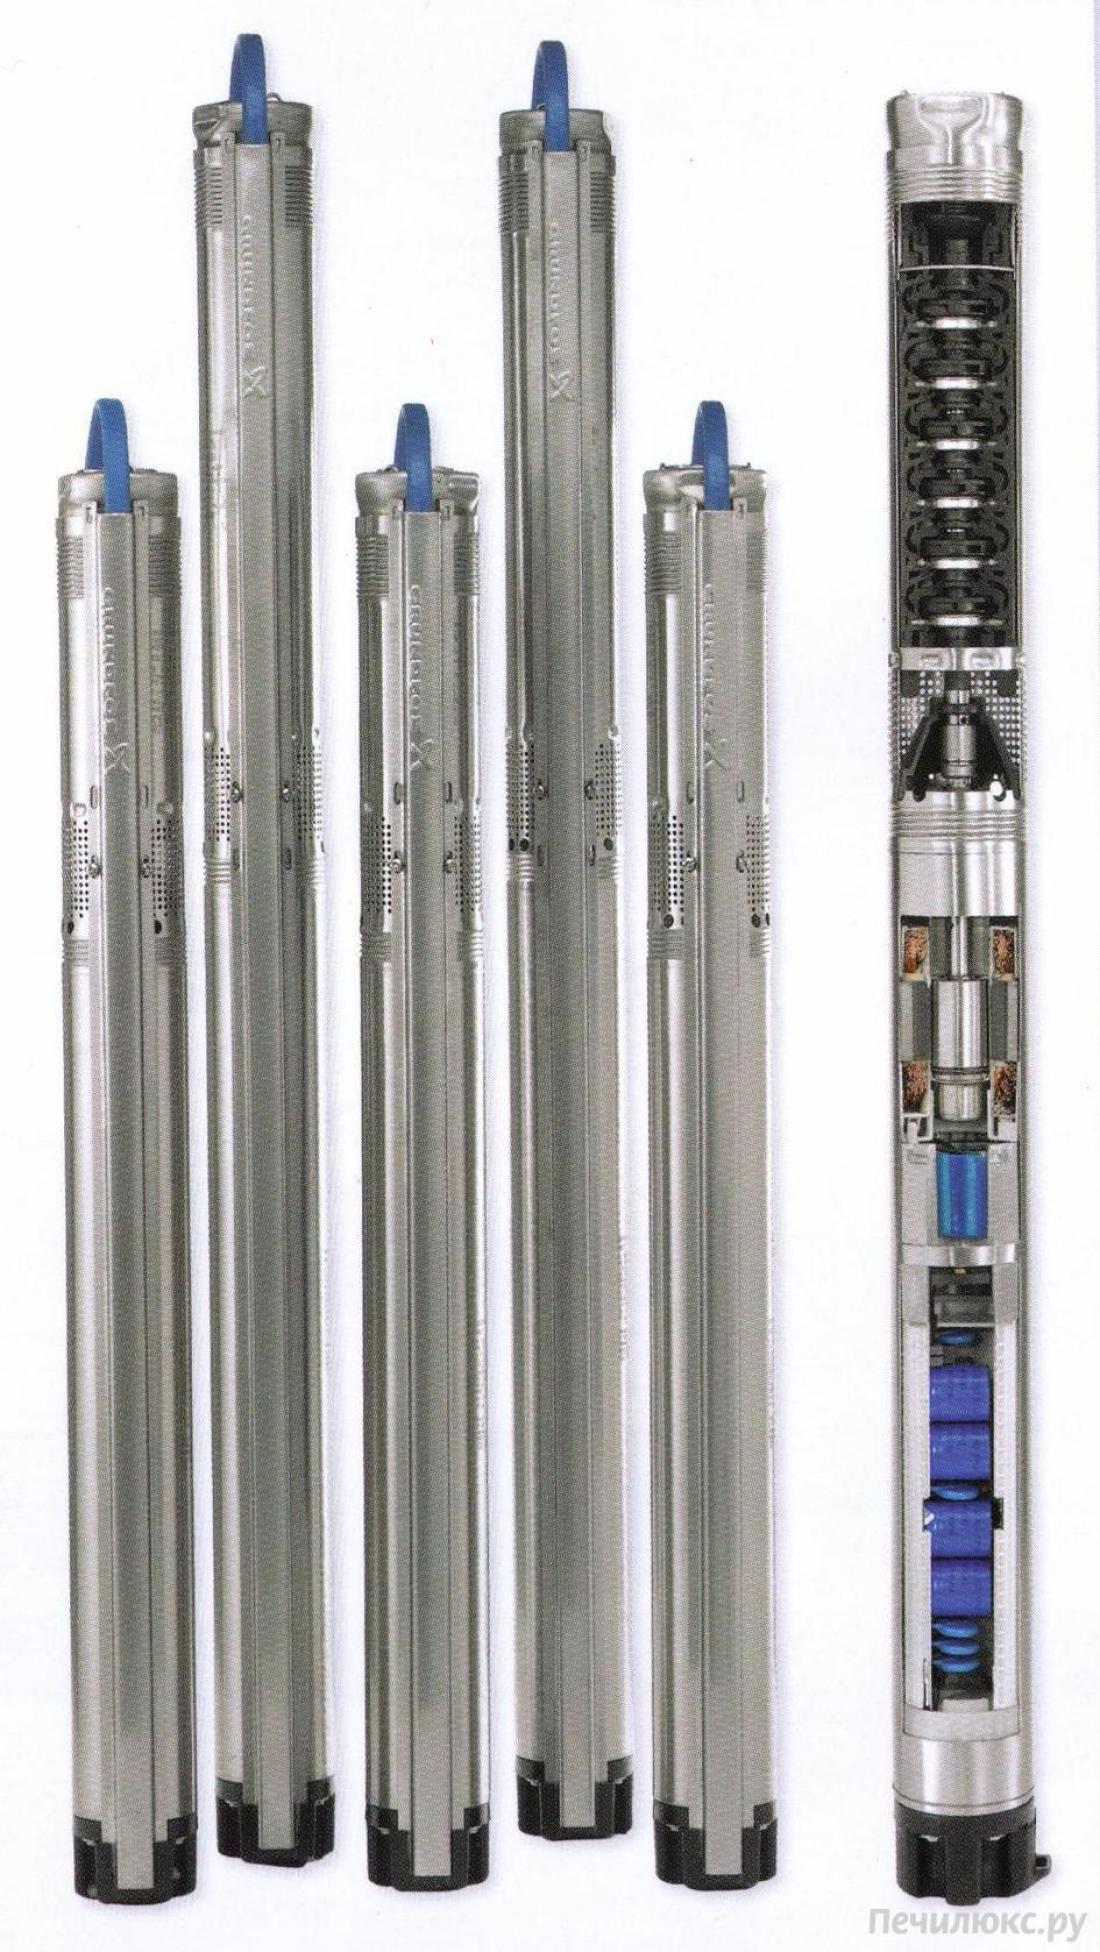 SQE 1- 65     0.70kW 200-240V 50/60Hz